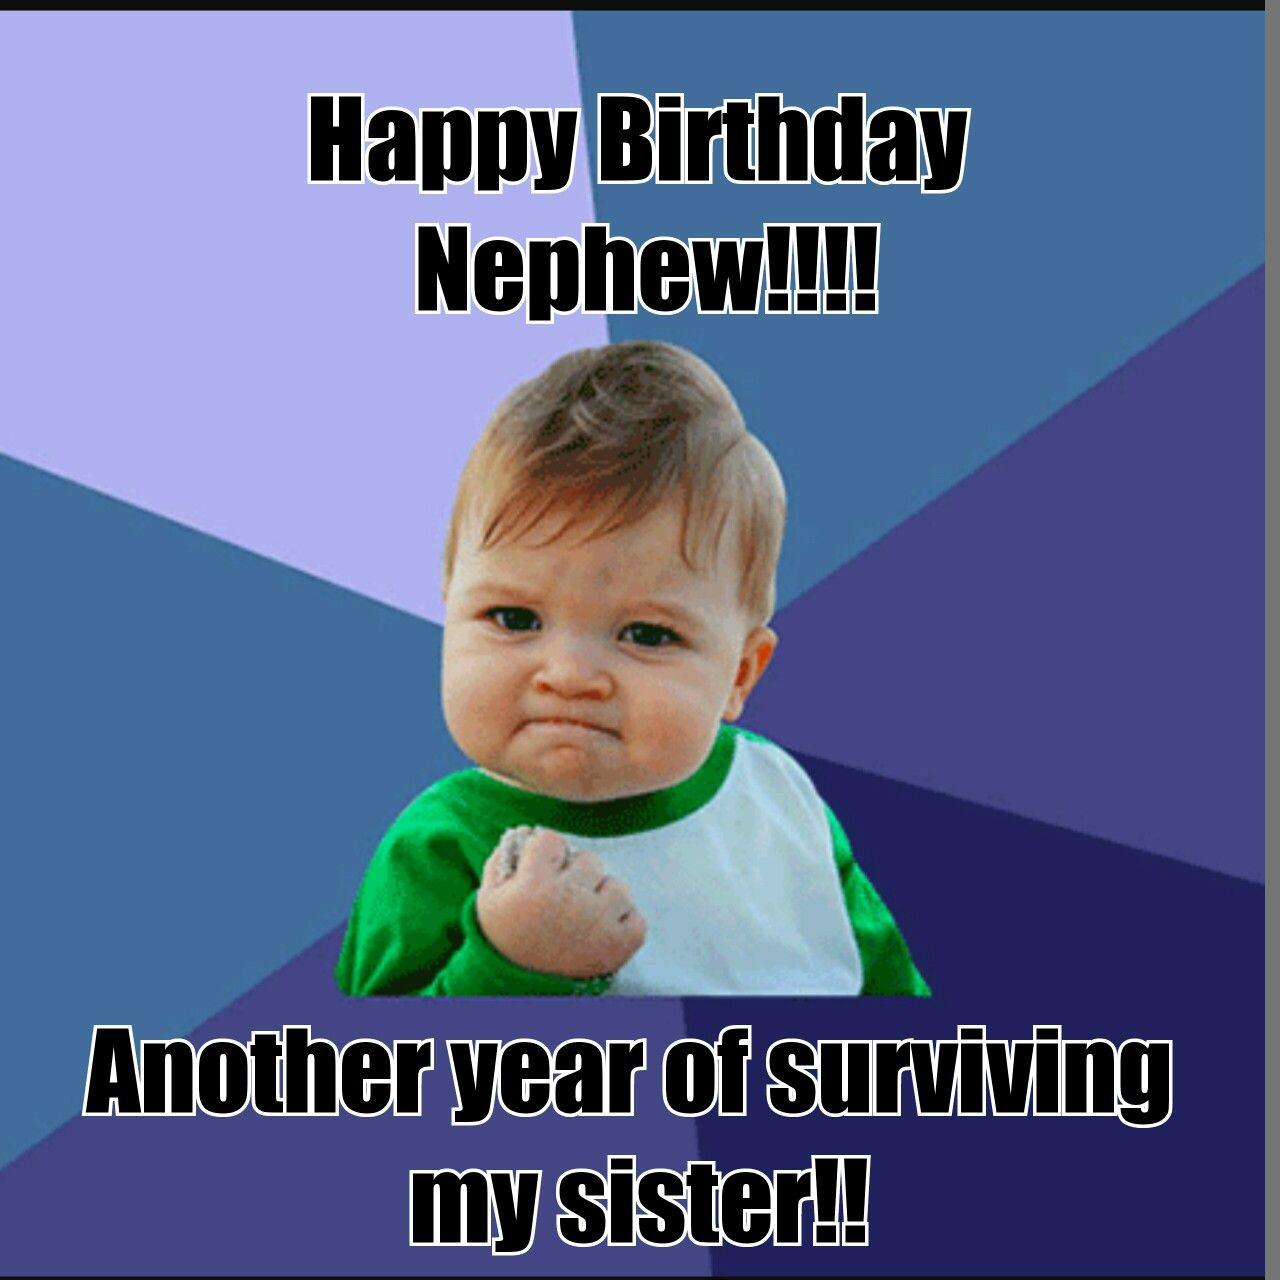 Happy Birthday Nephew Another Year Of Surviving My Sister Happy Birthday Nephew Birthday Wishes For Nephew Nephew Birthday Quotes